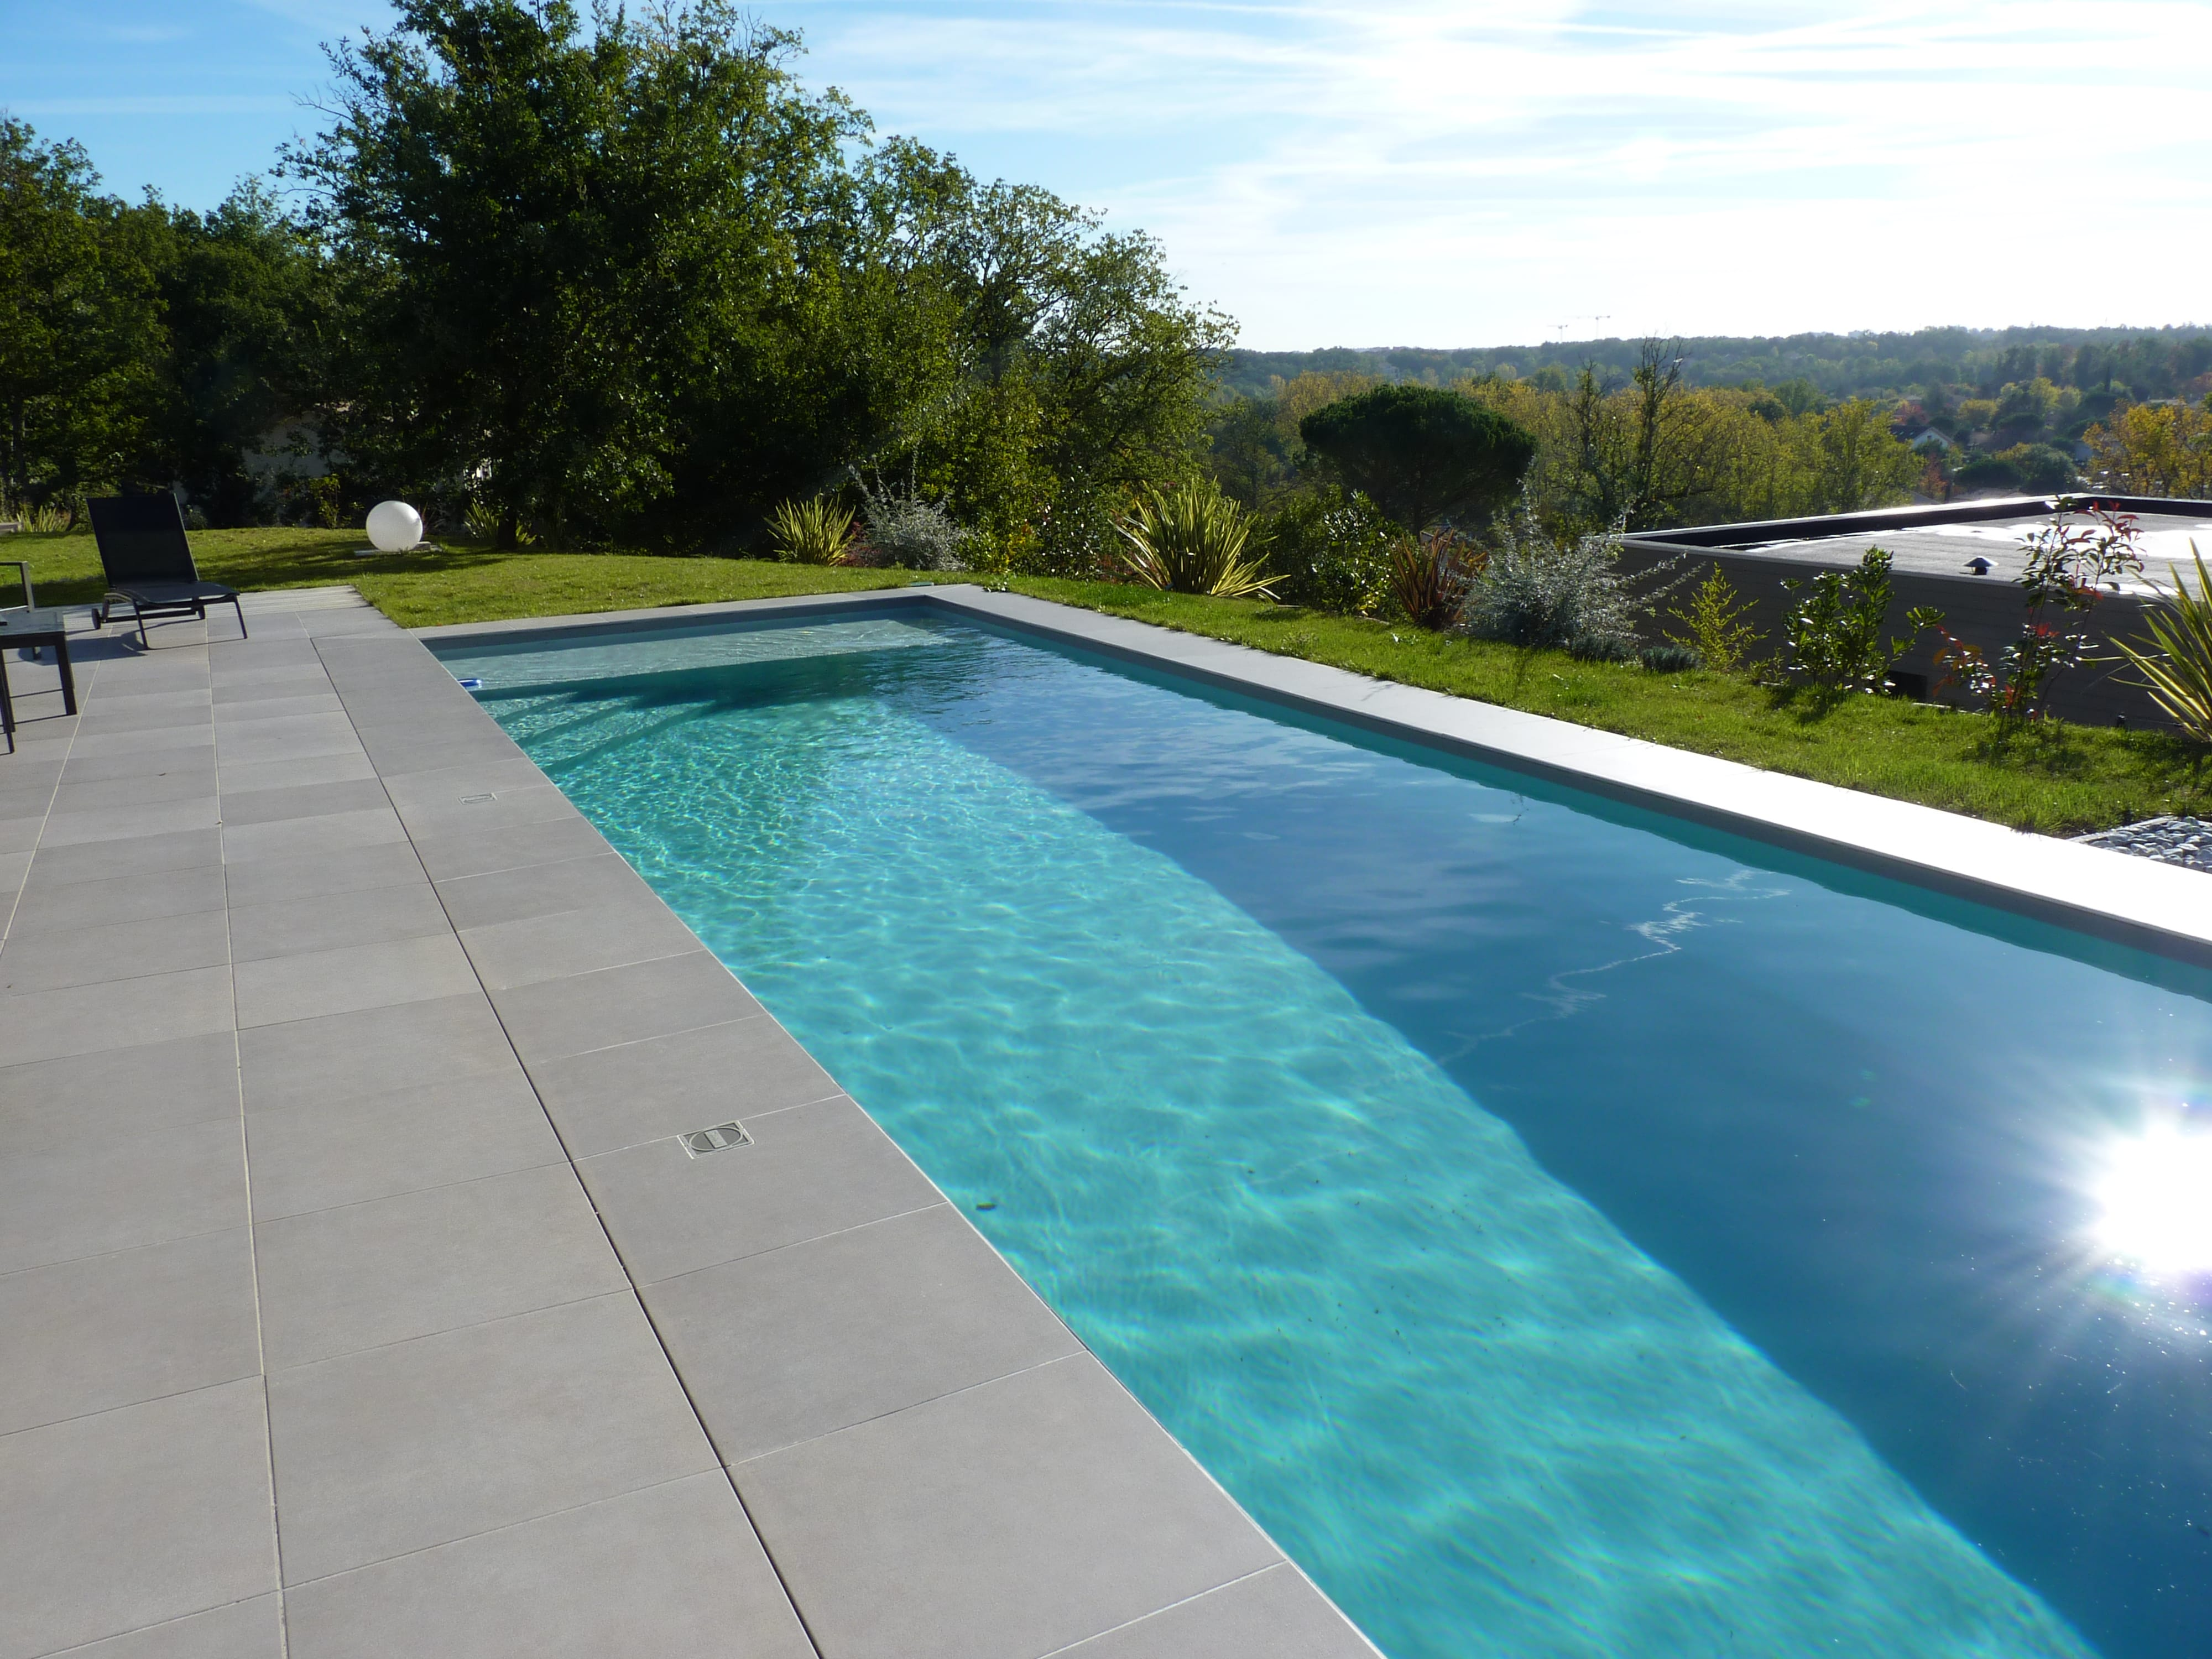 R novation plaisance du touch plaisance piscine - Piscine municipale plaisance du touch ...